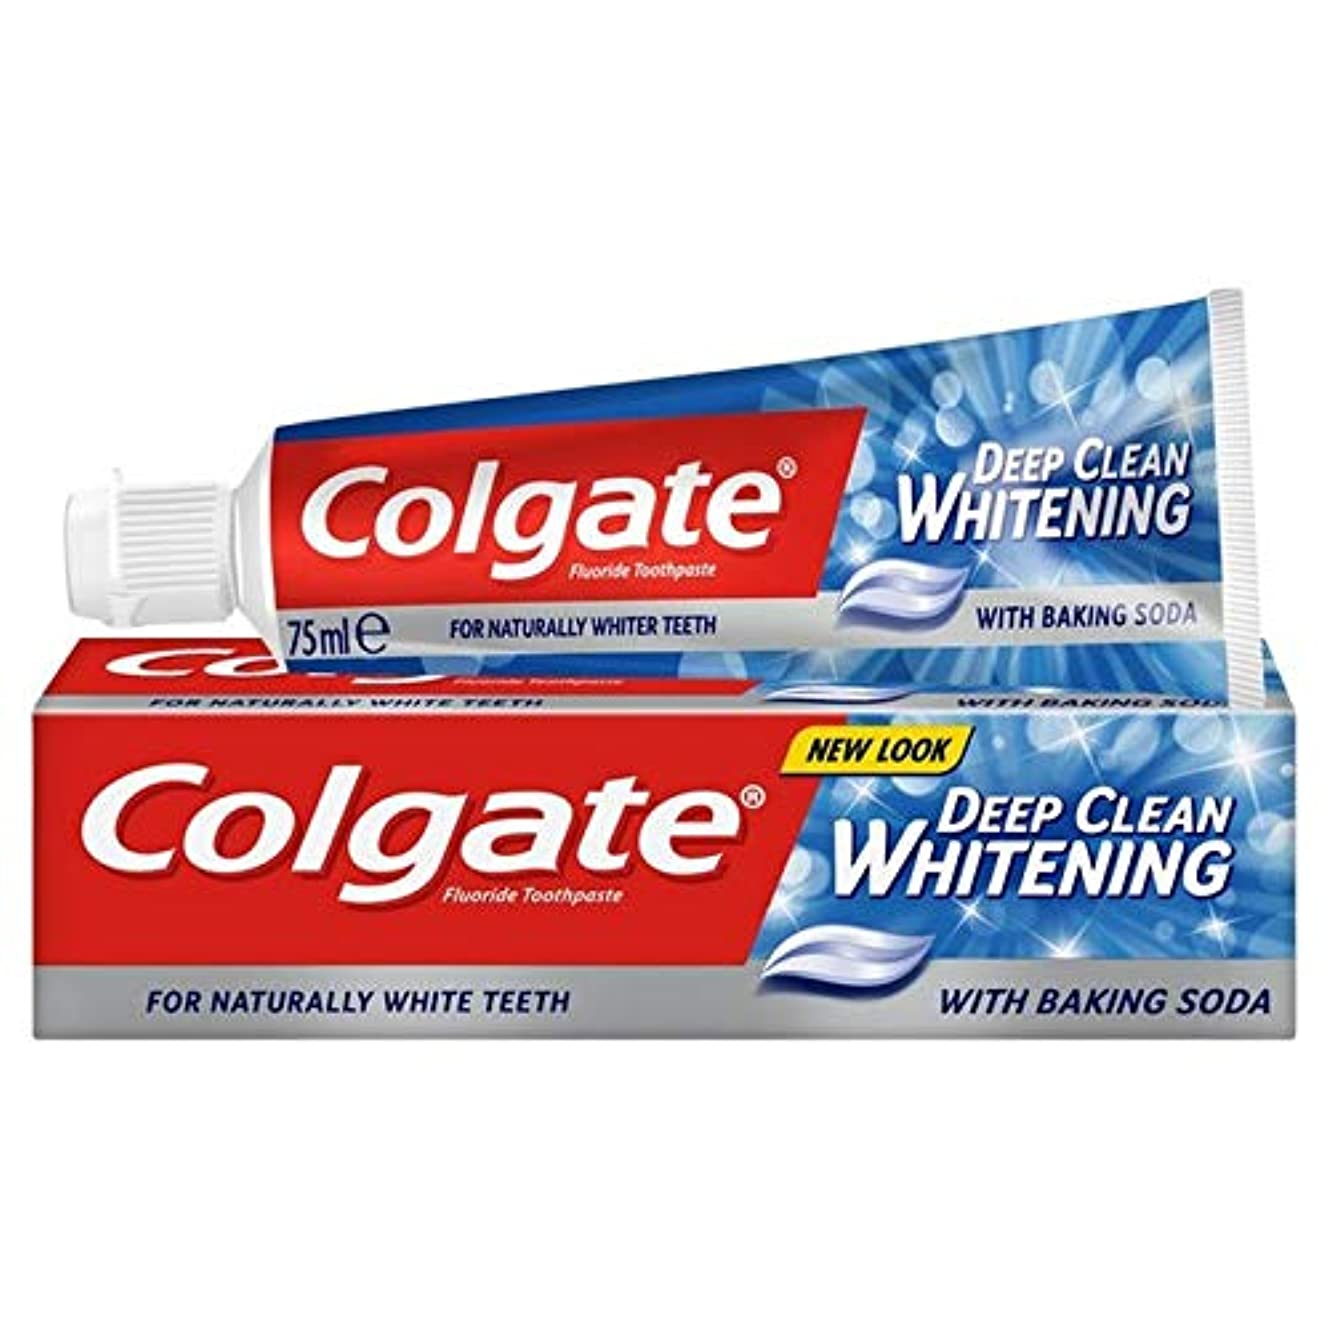 インサート今後リズミカルな[Colgate ] コルゲート深いクリーンホワイトニング歯磨き粉75ミリリットル - Colgate Deep Clean Whitening Toothpaste 75ml [並行輸入品]